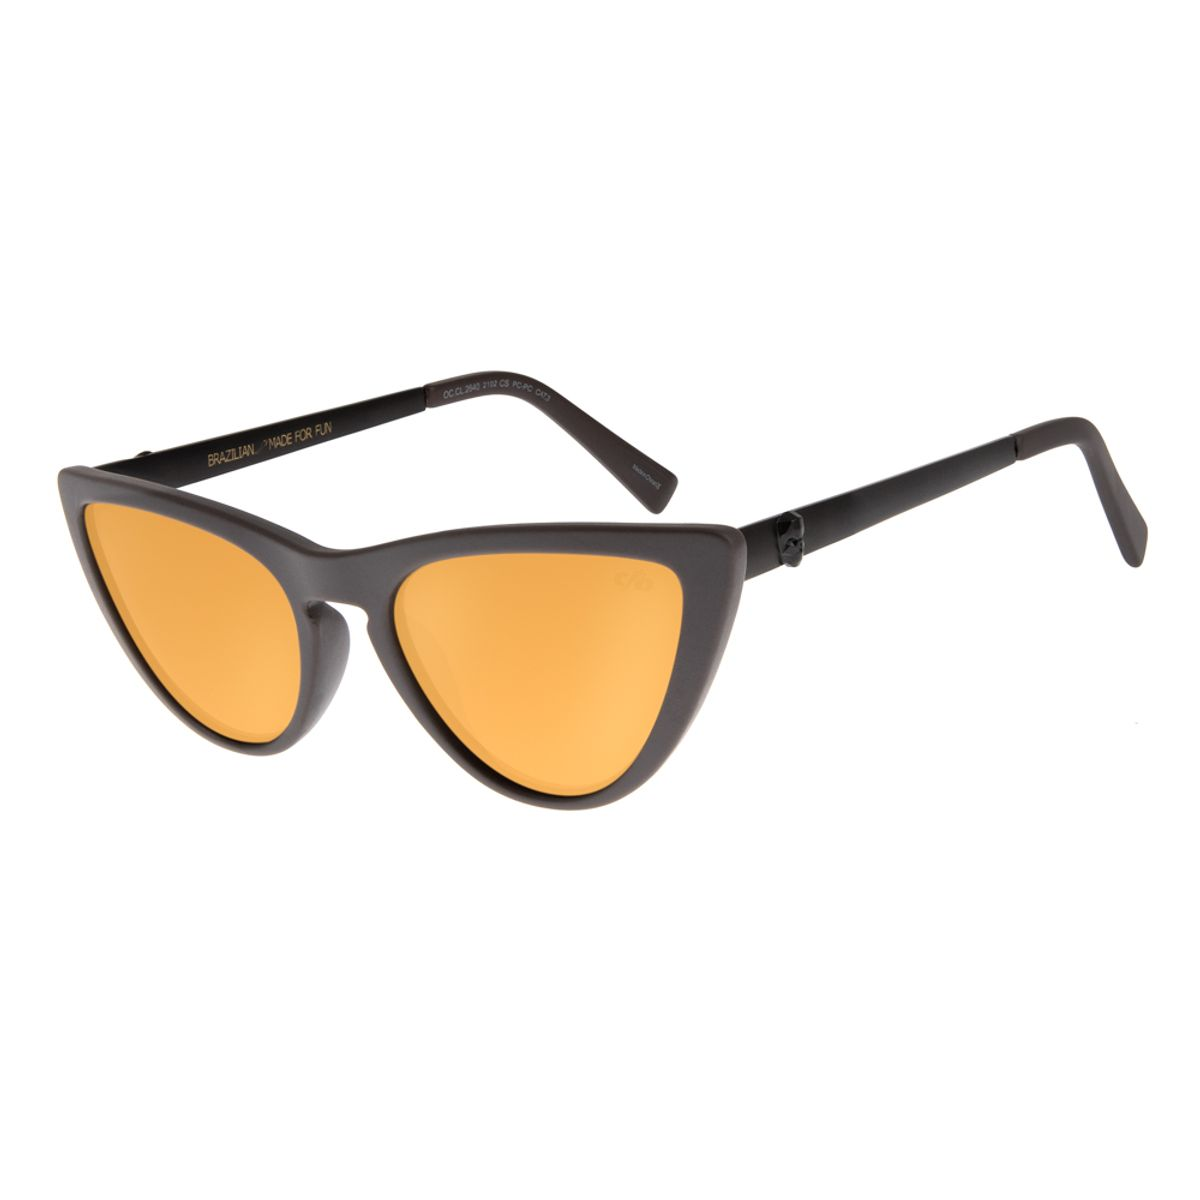 47ac4bc95 Óculos De Sol Chilli Beans Feminino Caveira Gatinho Marrom 2640 ...